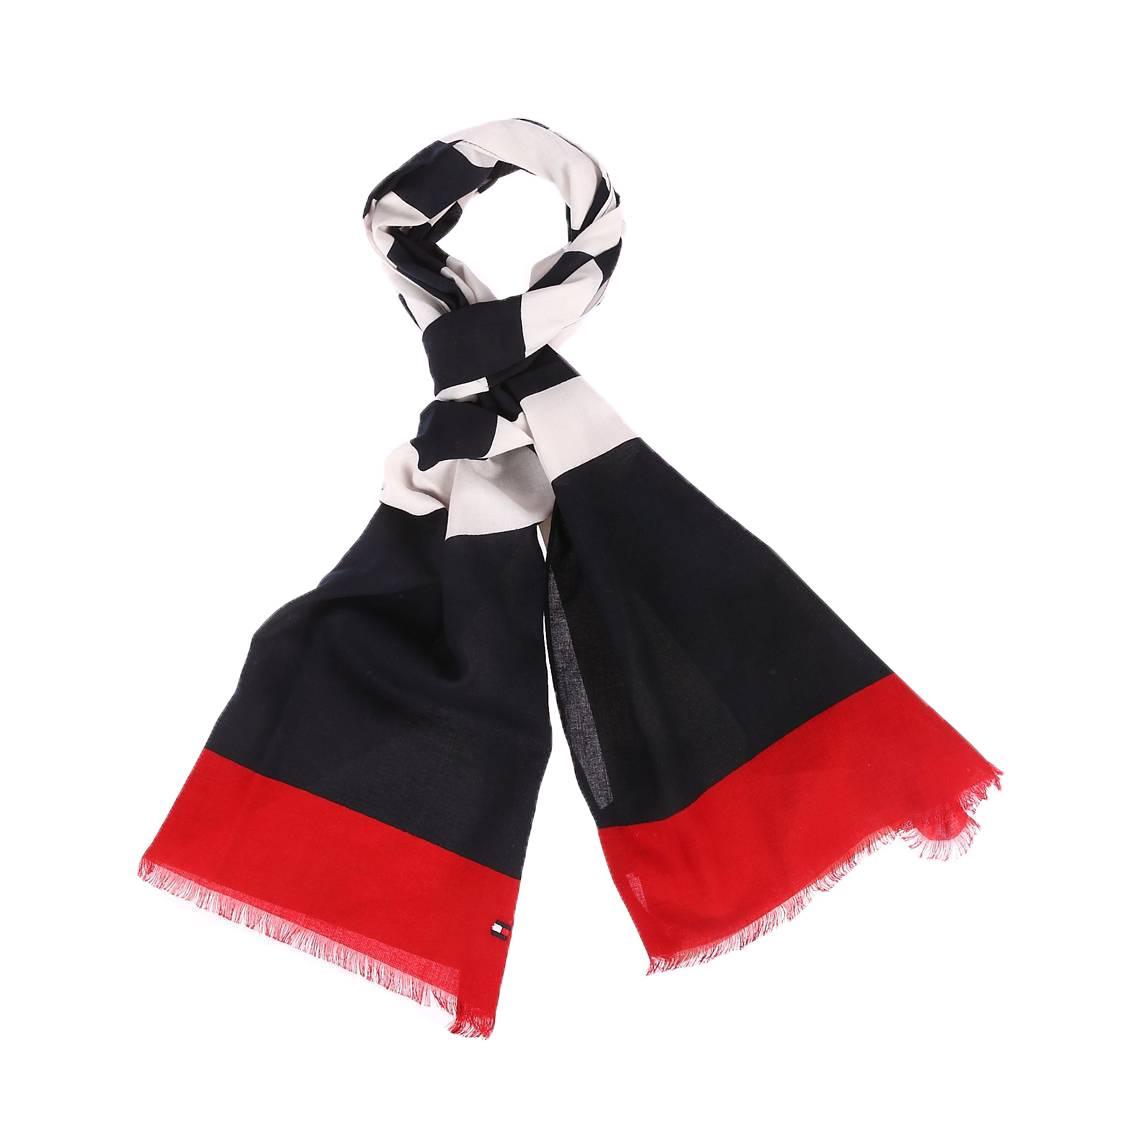 Echarpe tommy hilfiger en coton bleu marine à imprimé hilfiger blanc et bandes rouges